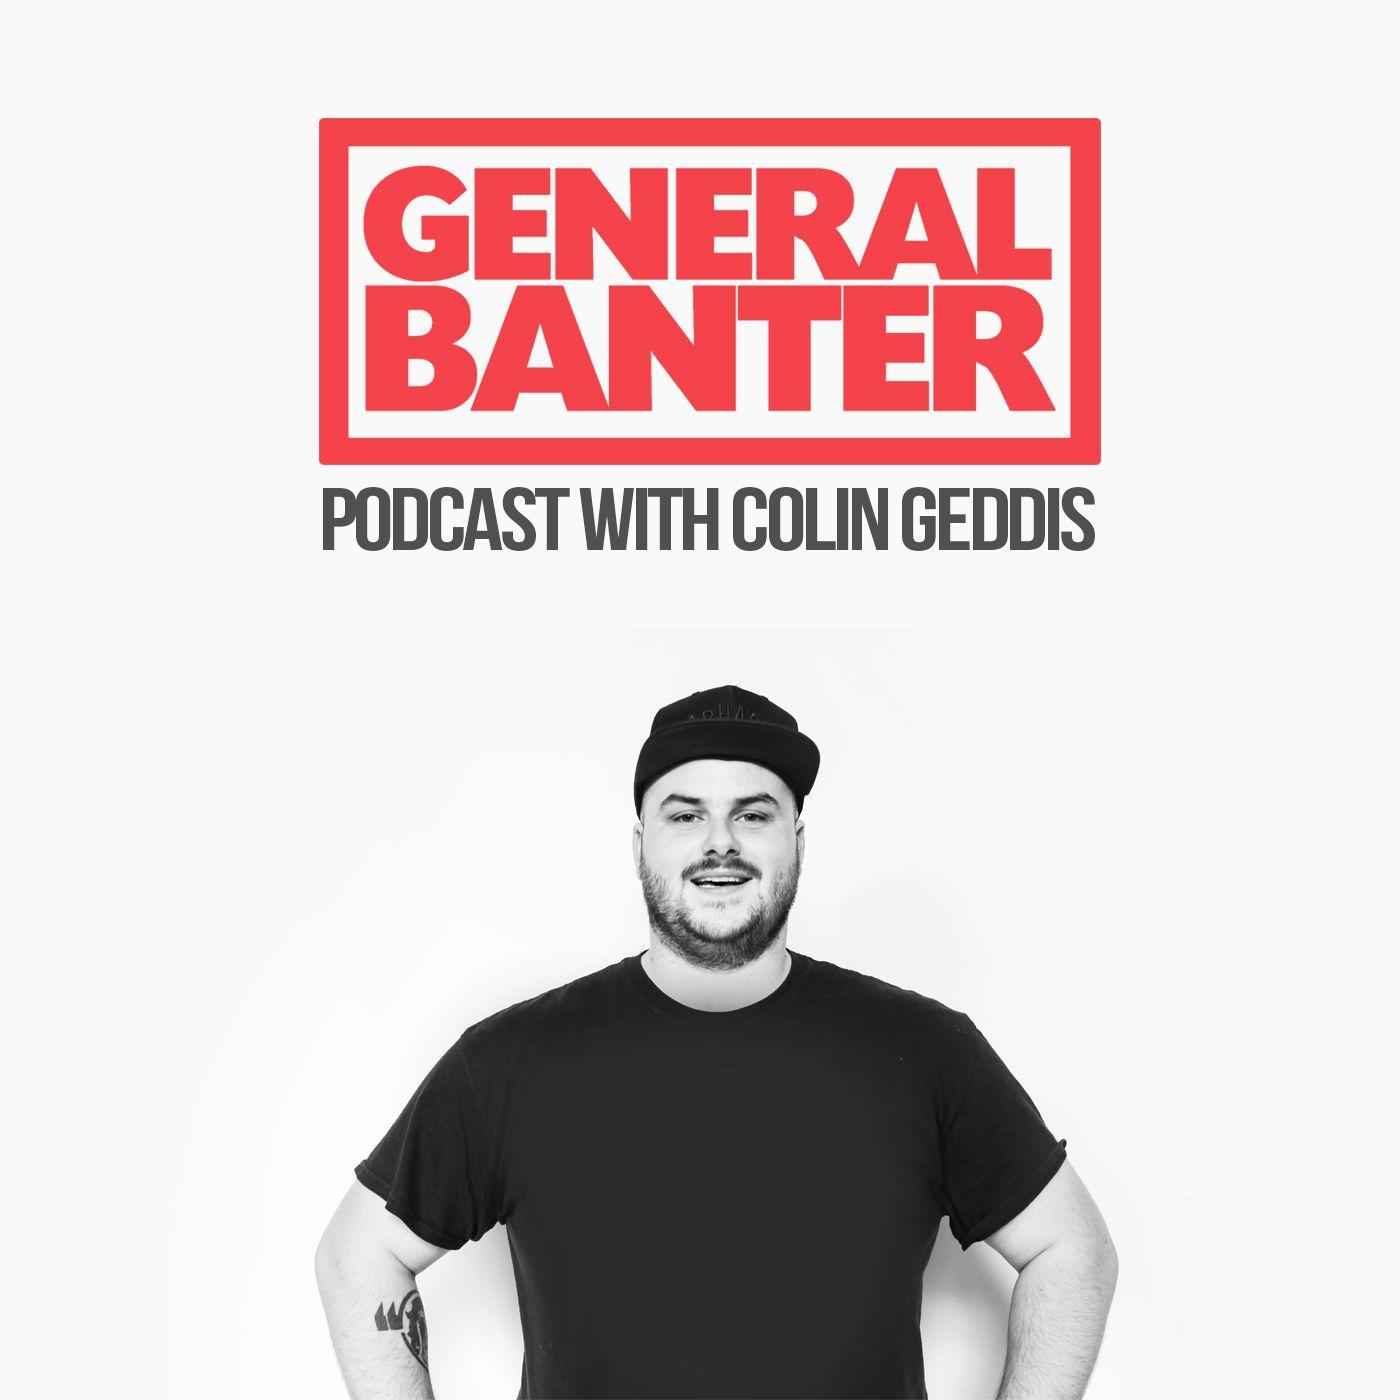 General Banter Podcast